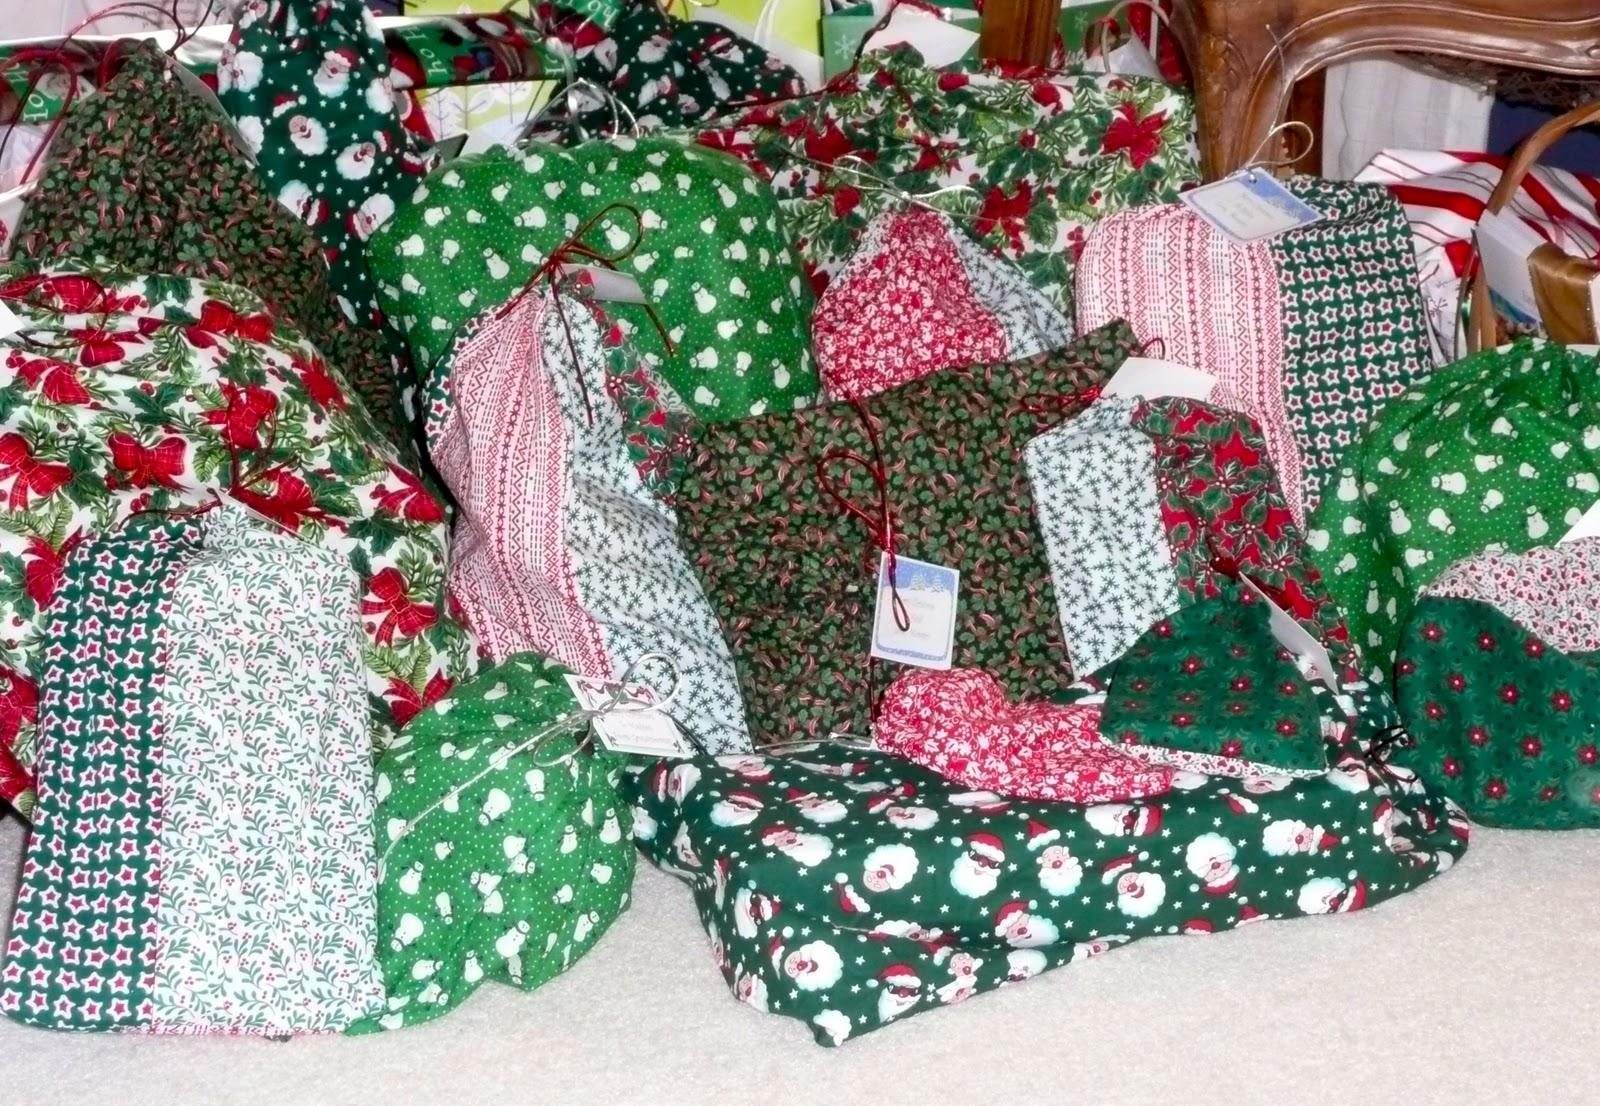 The Craft Tutor: Make Reusable Fabric Gift Bags